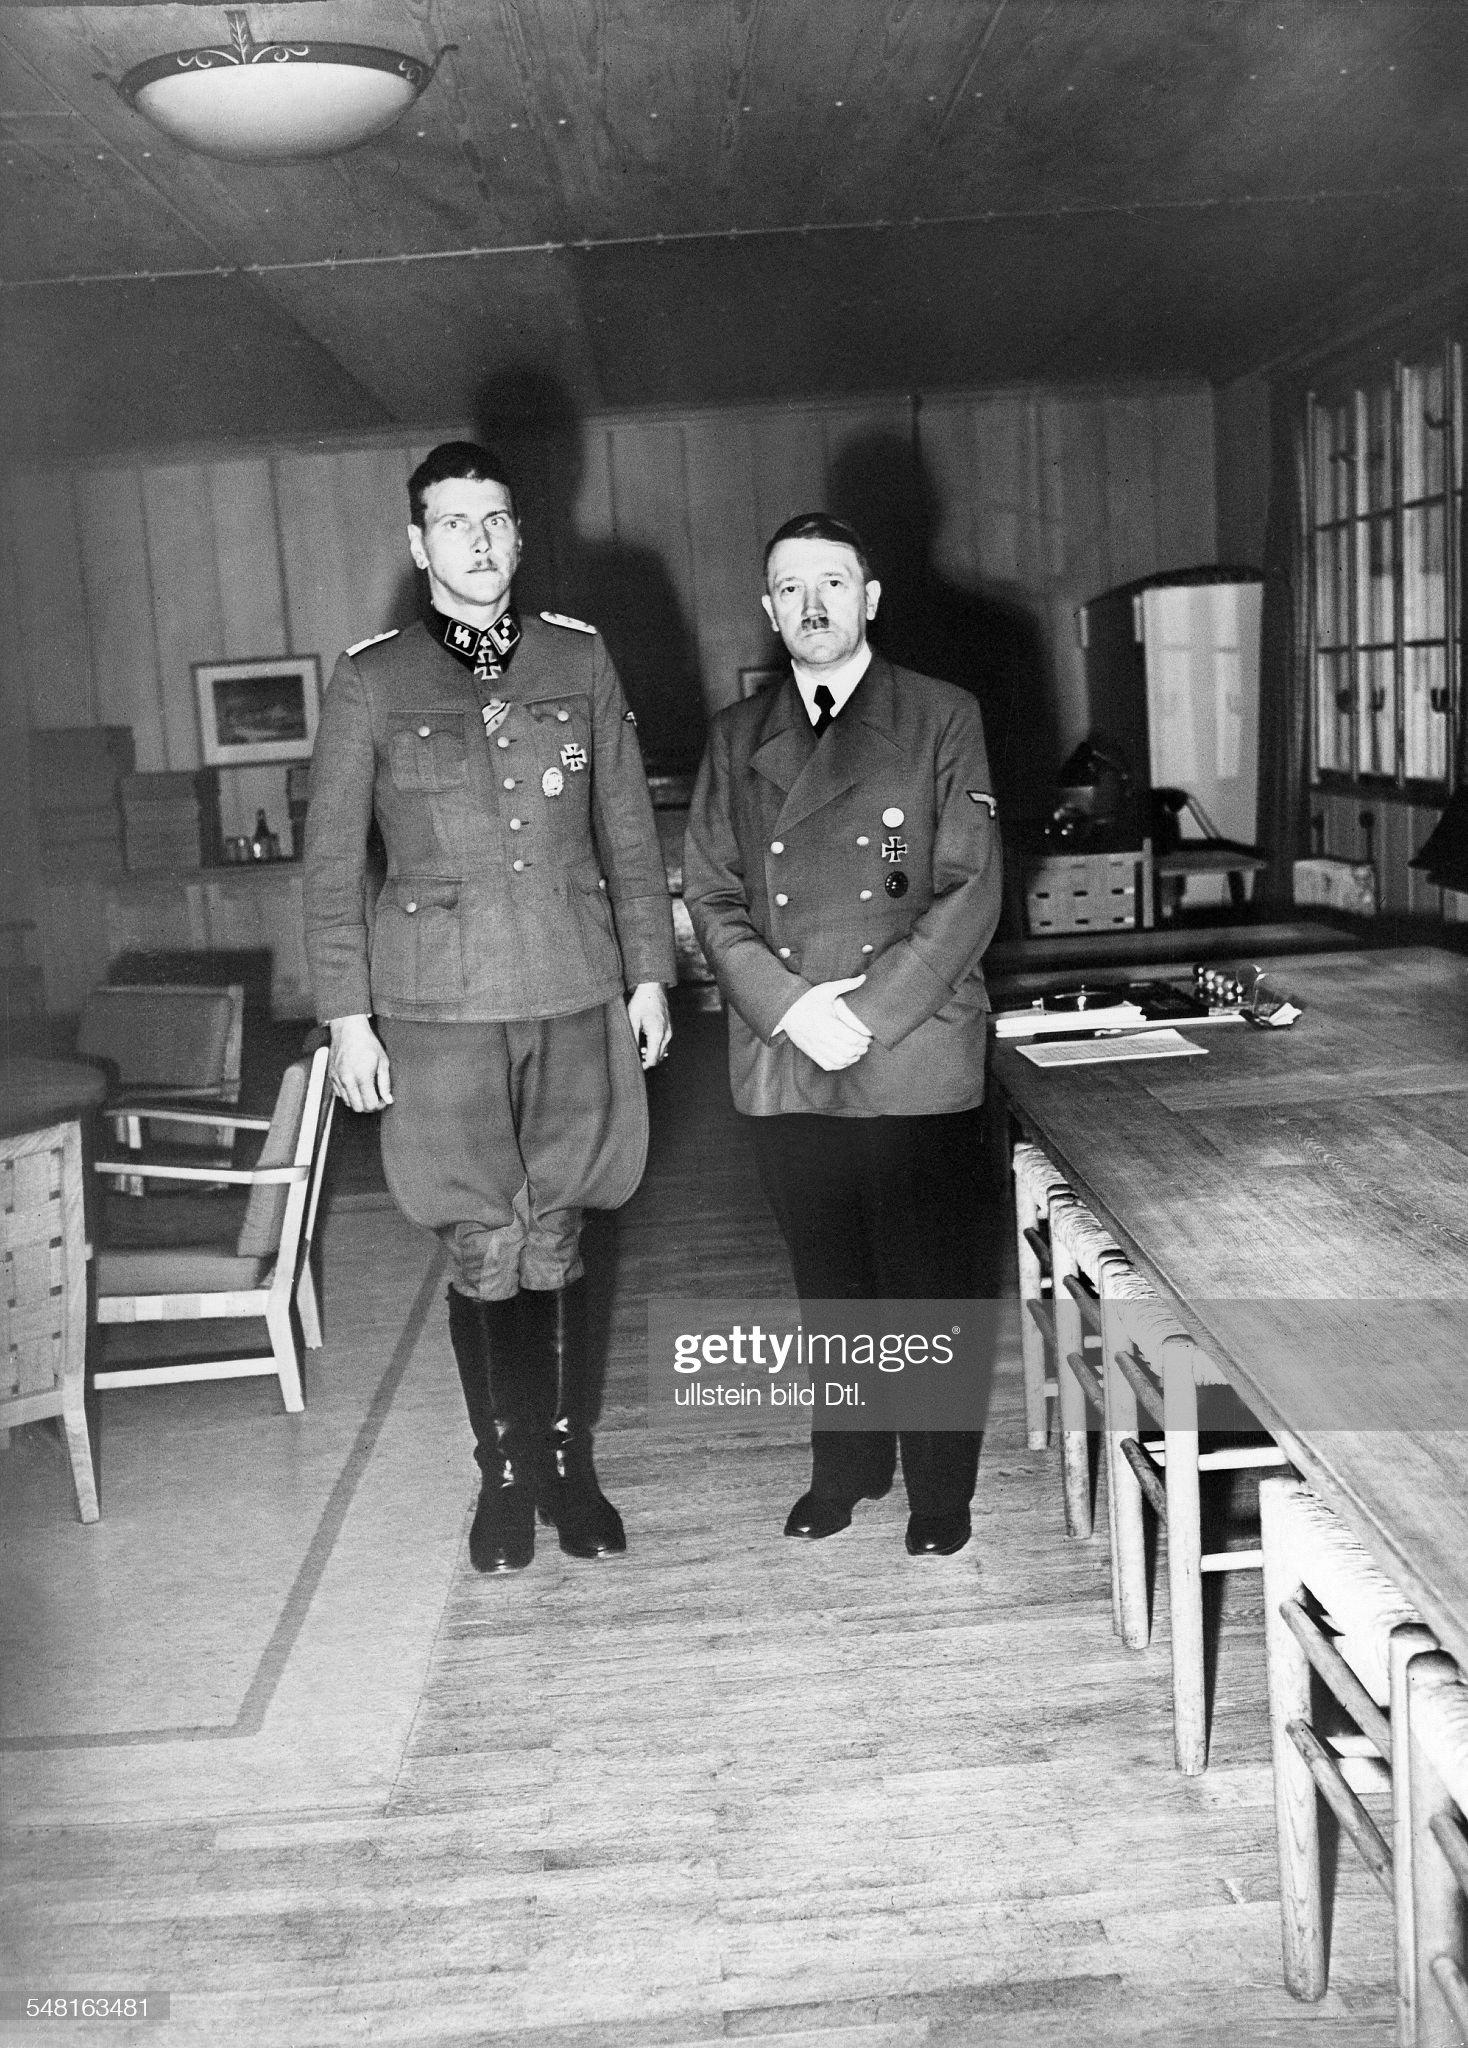 قائد الكوماندوس النازي Otto Skorzeny  Skorzeny-otto-19081975-ssoffizier-d-als-hauptsturmfuehrer-zusammen-picture-id548163481?s=2048x2048